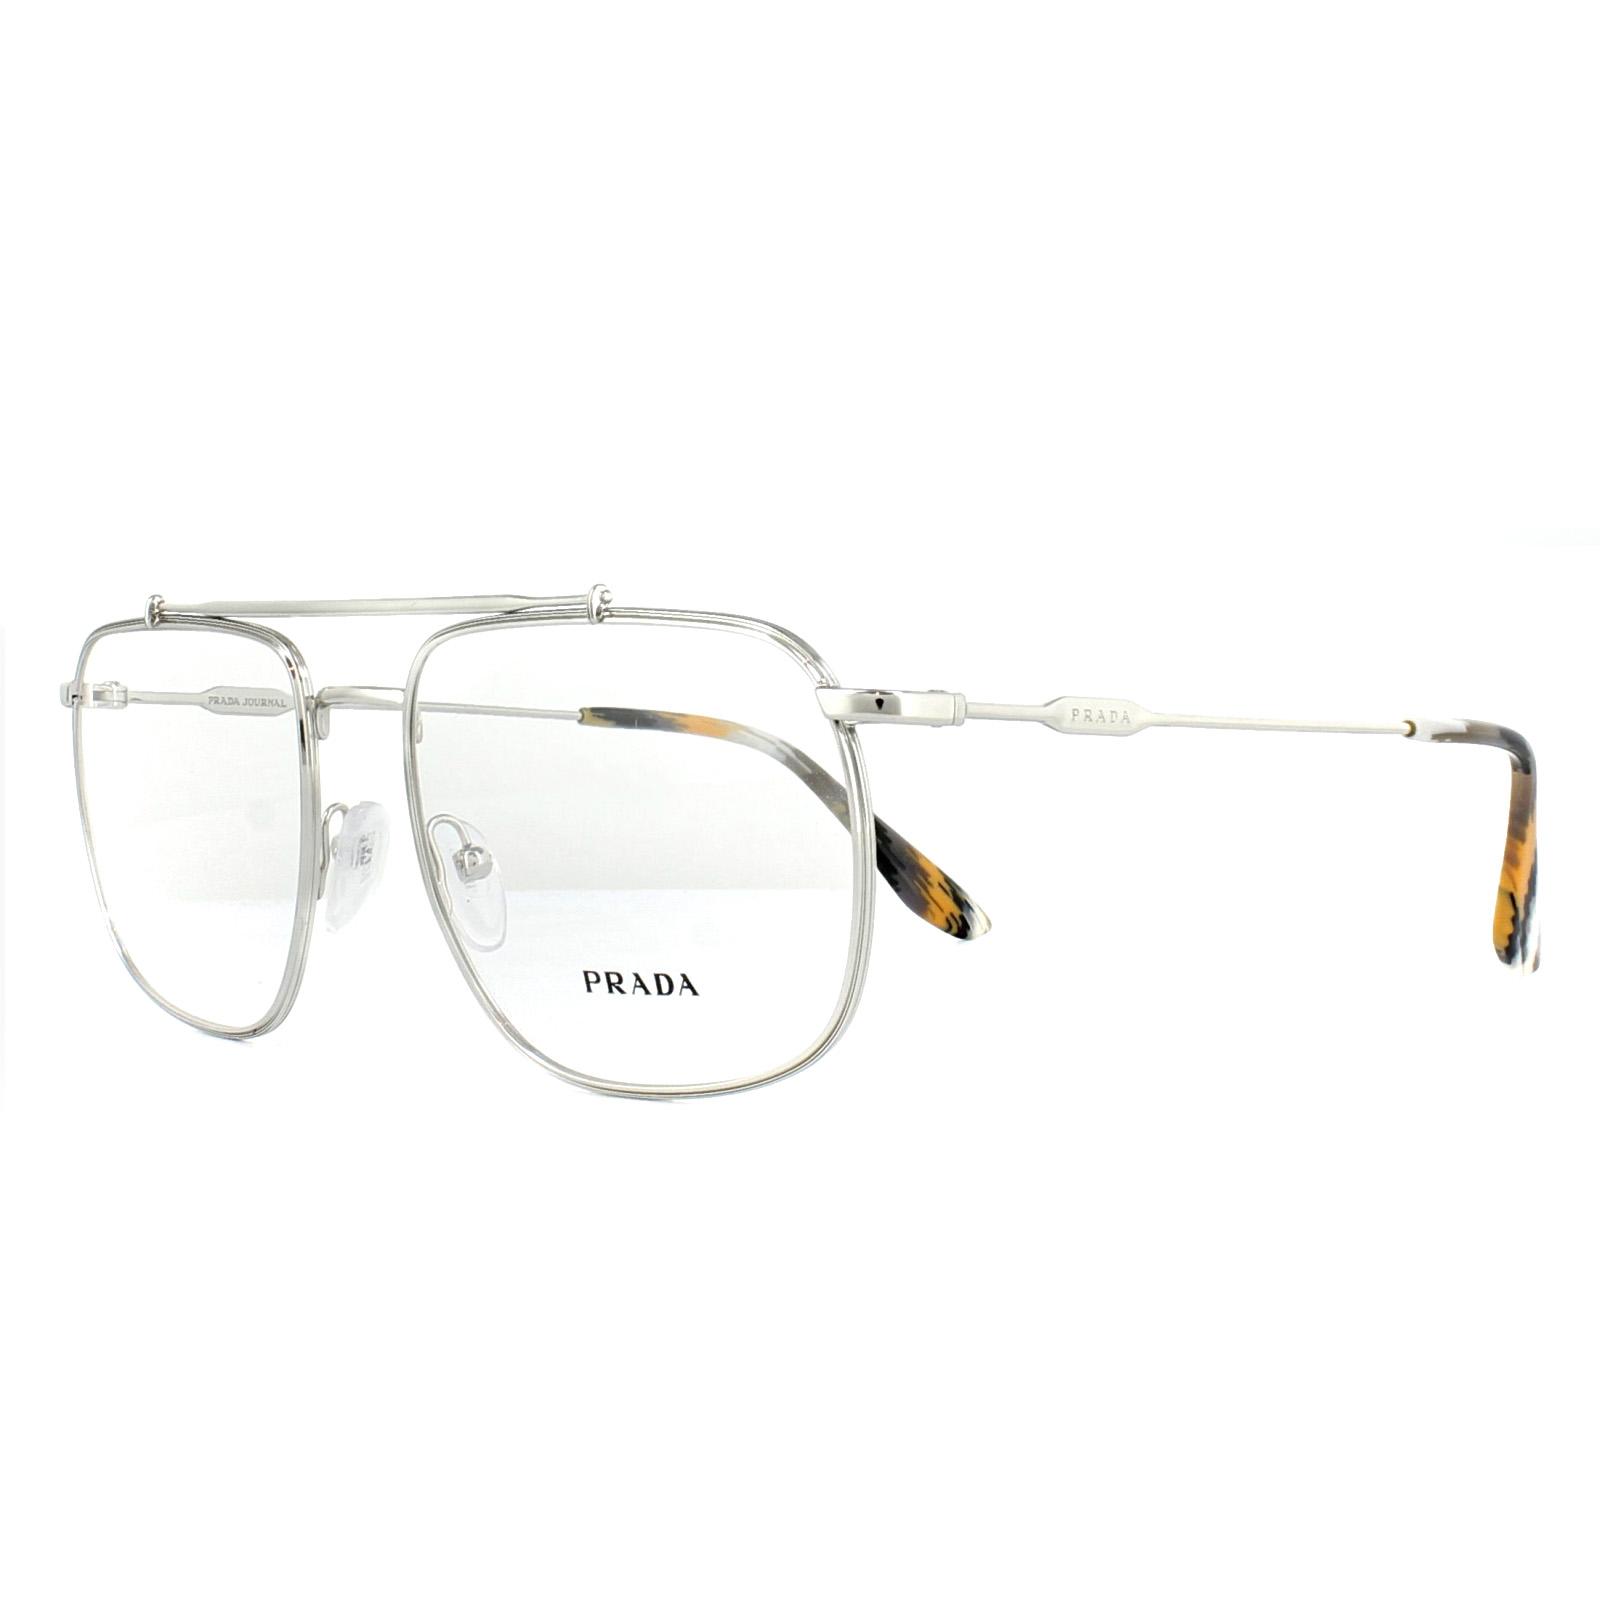 ebcbd15857b Prada Glasses Frames PR56UV 1BC1O1 Silver 55mm Womens 8053672782189 ...